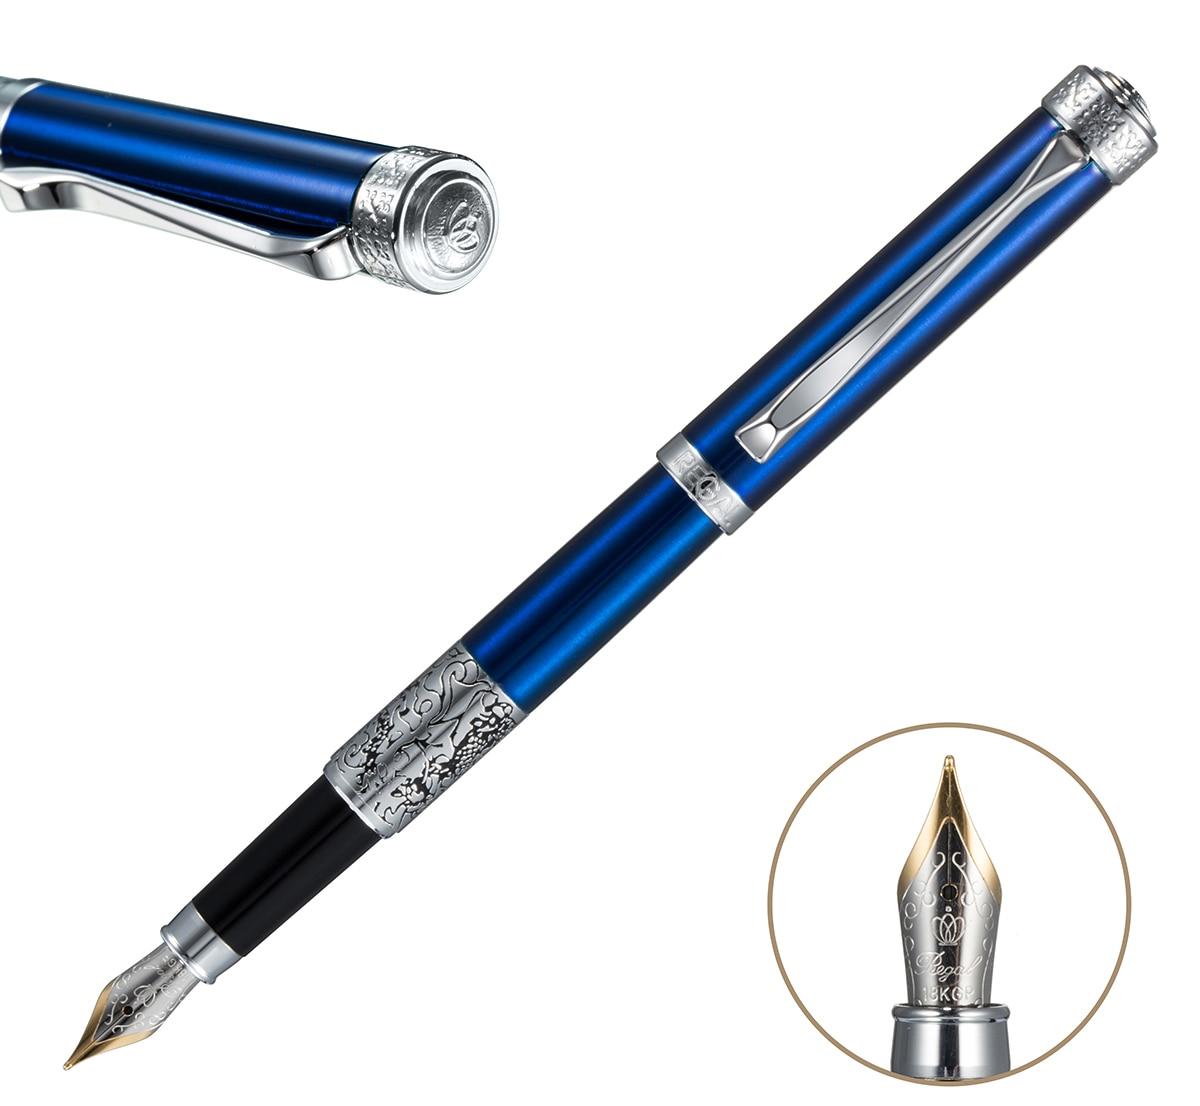 Ideal para Pós-graduação/negócio/ Celluloid Fountain Pen Bonito Branco/preto